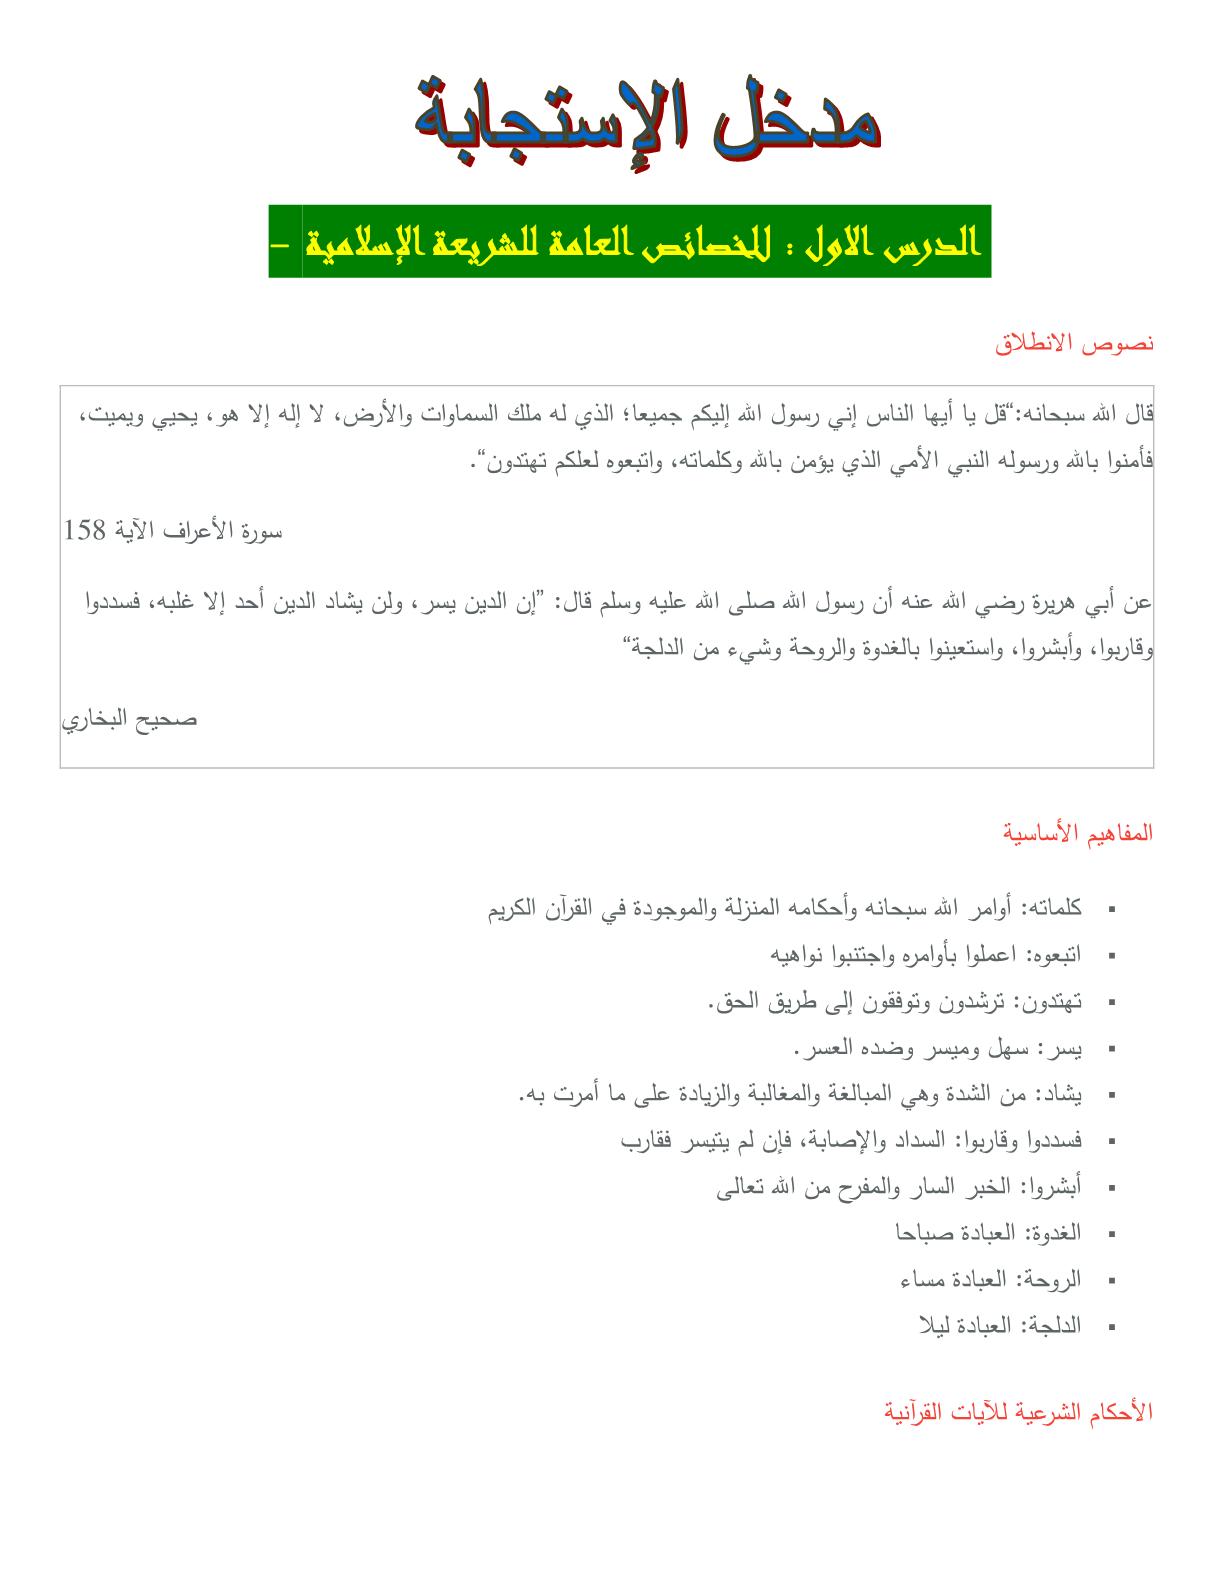 درس الخصائص العامة للشريعة الإسلامية للسنة الثانية بكالوريا